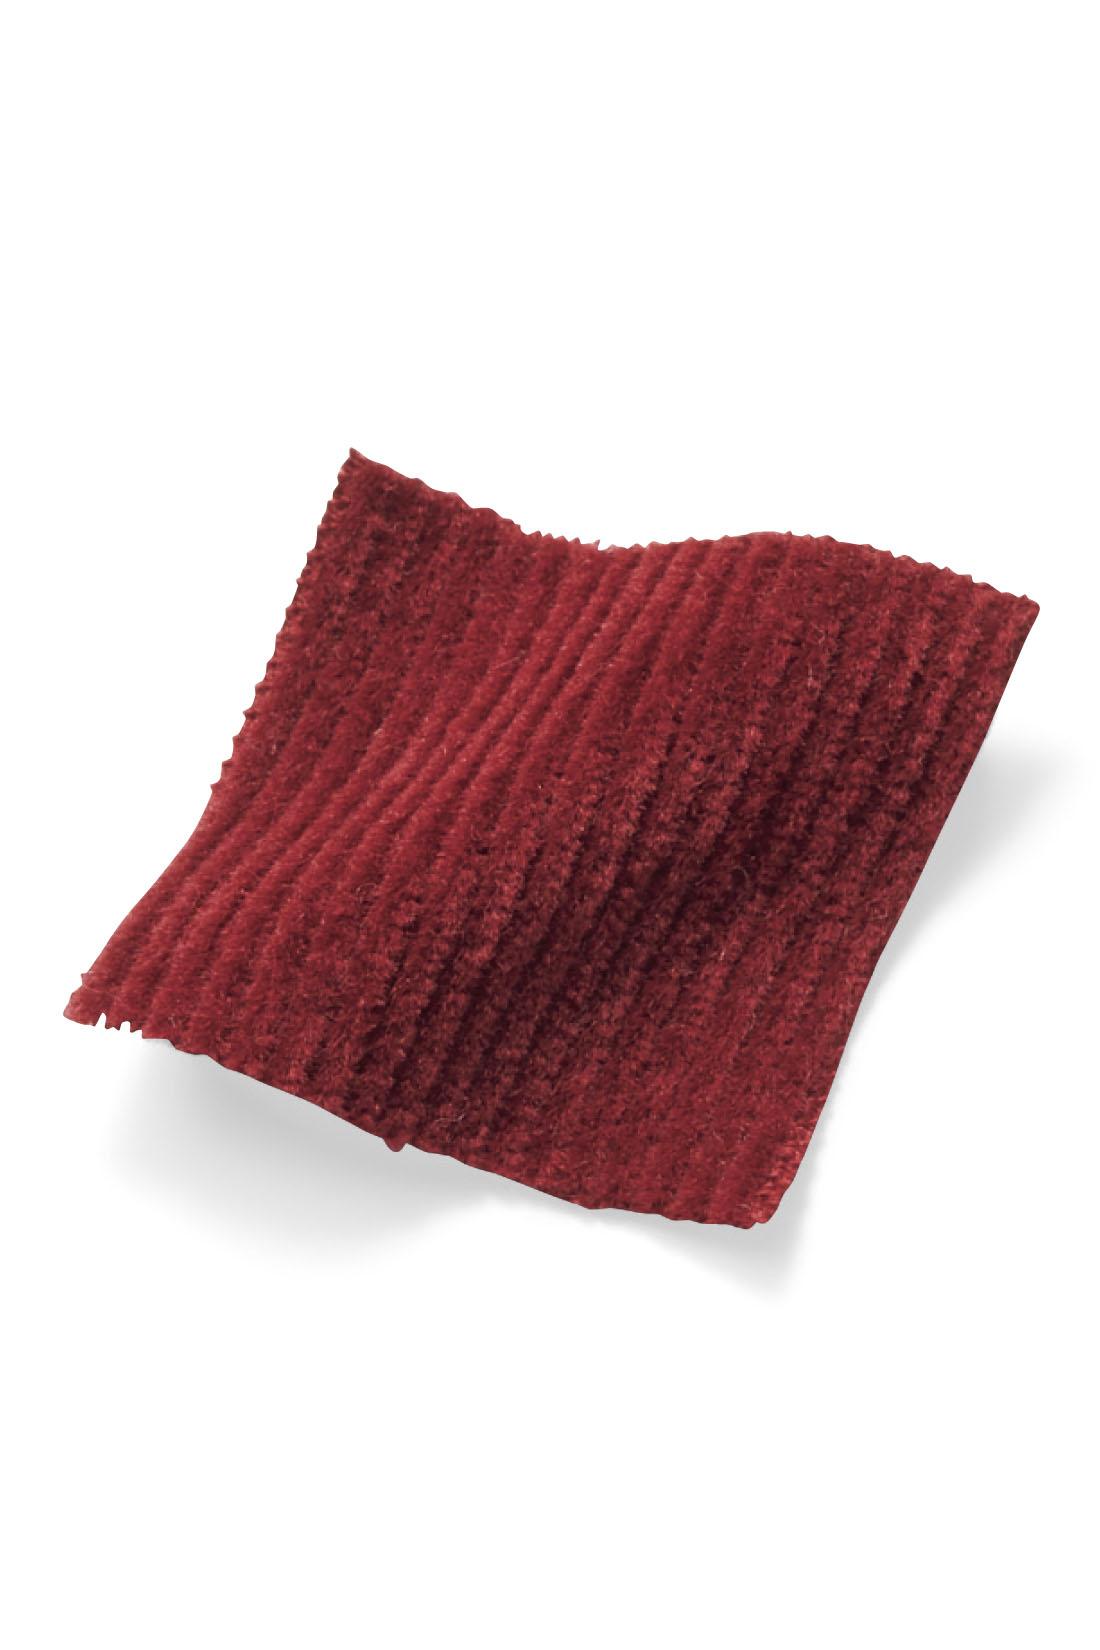 分厚すぎない細うねコーデュロイが軽やかではきやすく、気軽に秋気分を味わいたいときにぴったり。※お届けするカラーとは異なります。